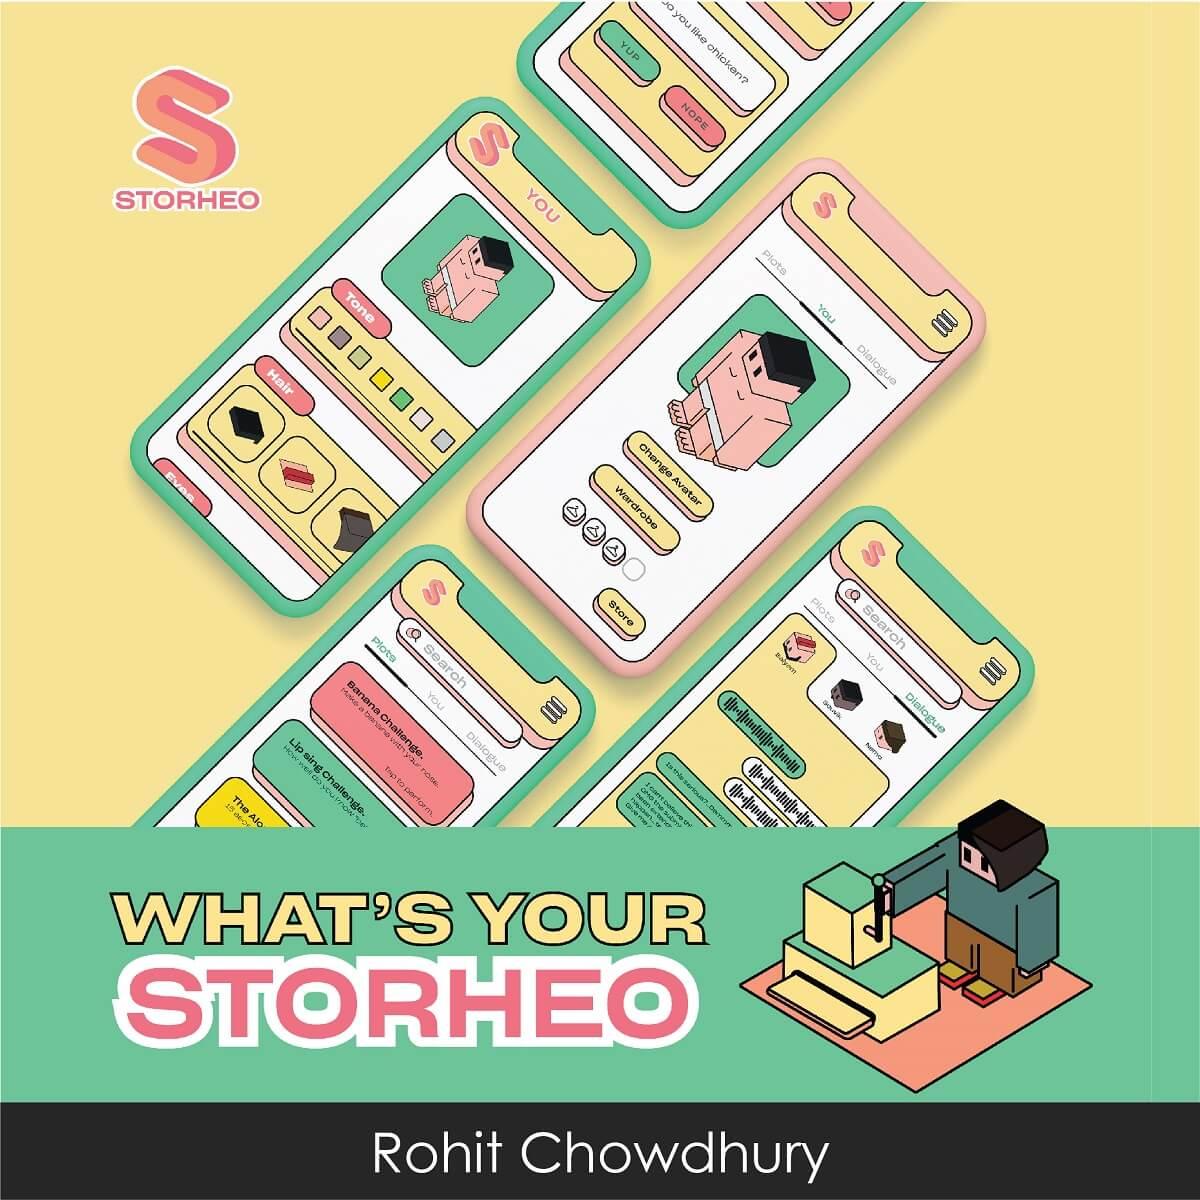 Student Work - Rohit Chowdhury